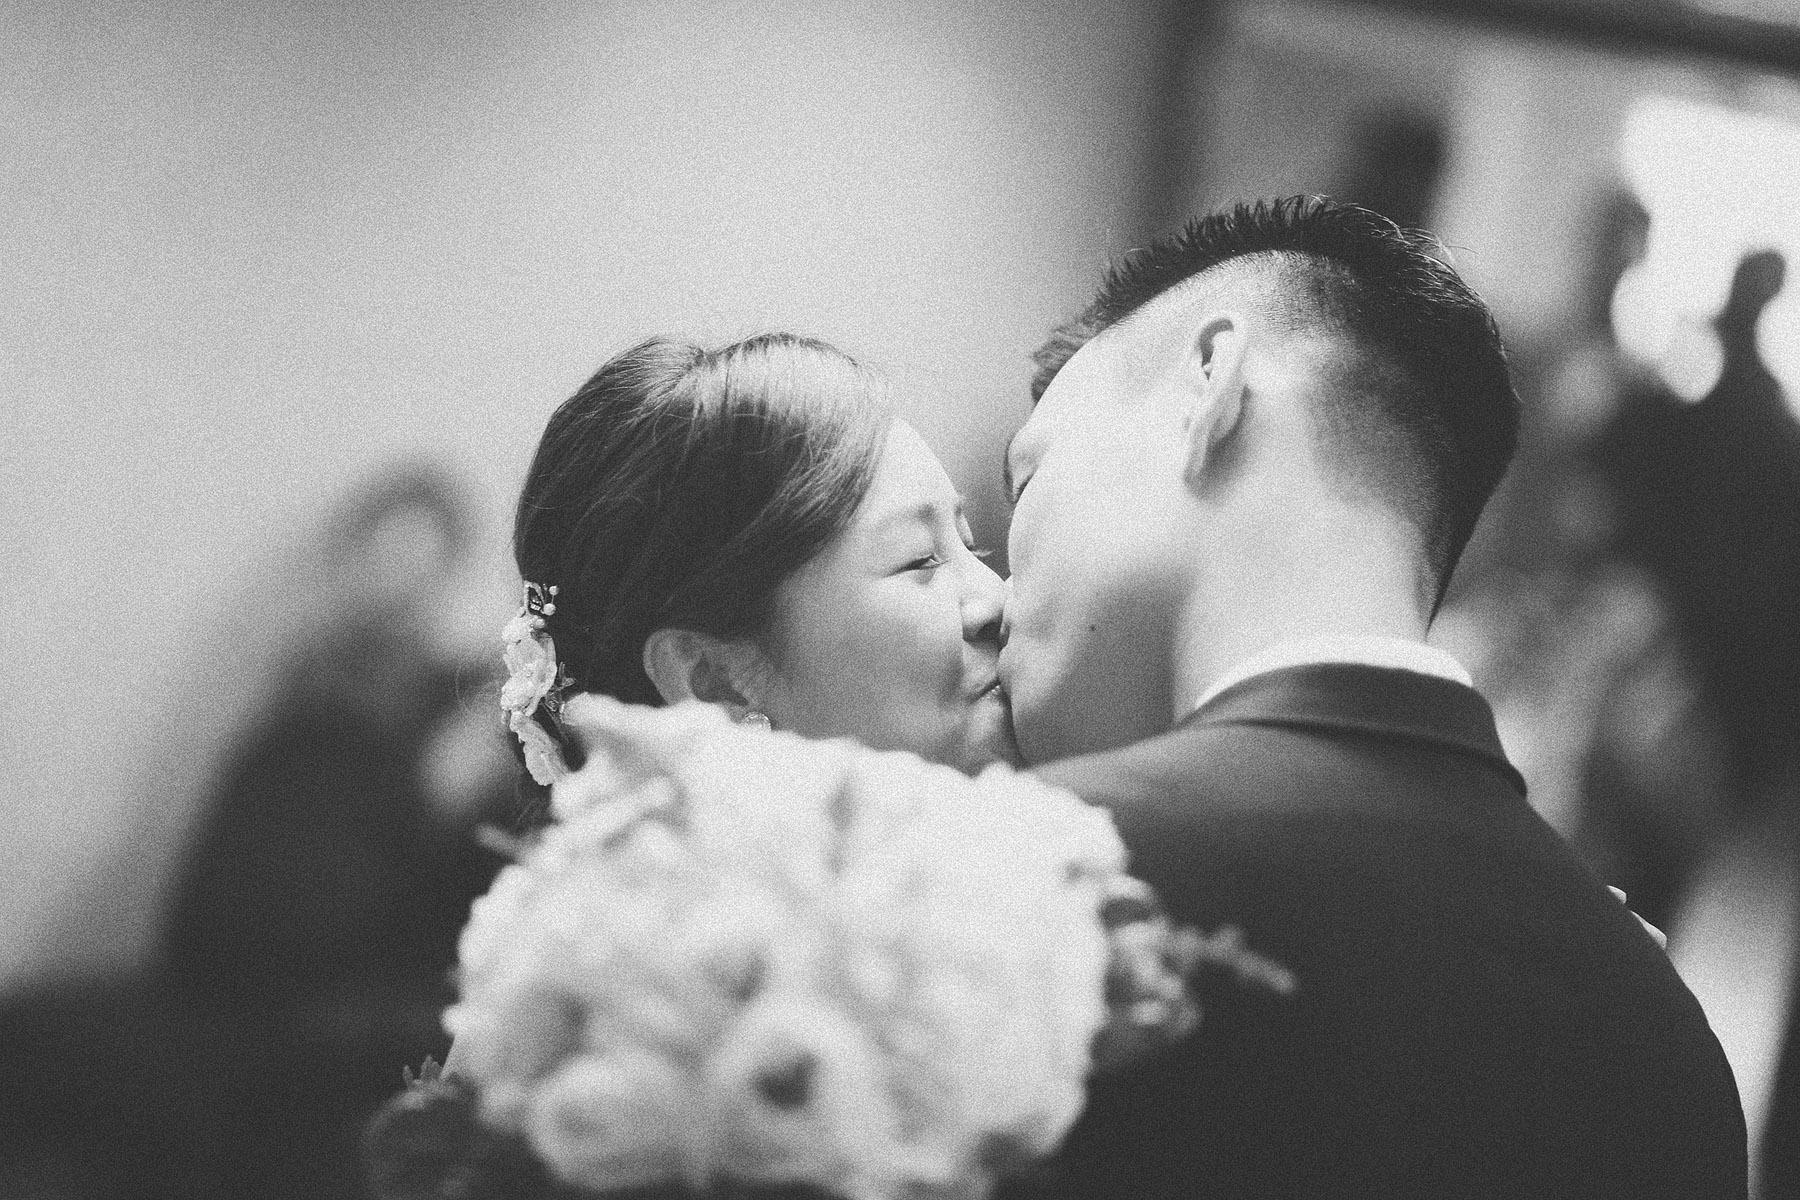 婚禮攝影,婚攝,婚禮紀錄,底片,自然風格,婚紗